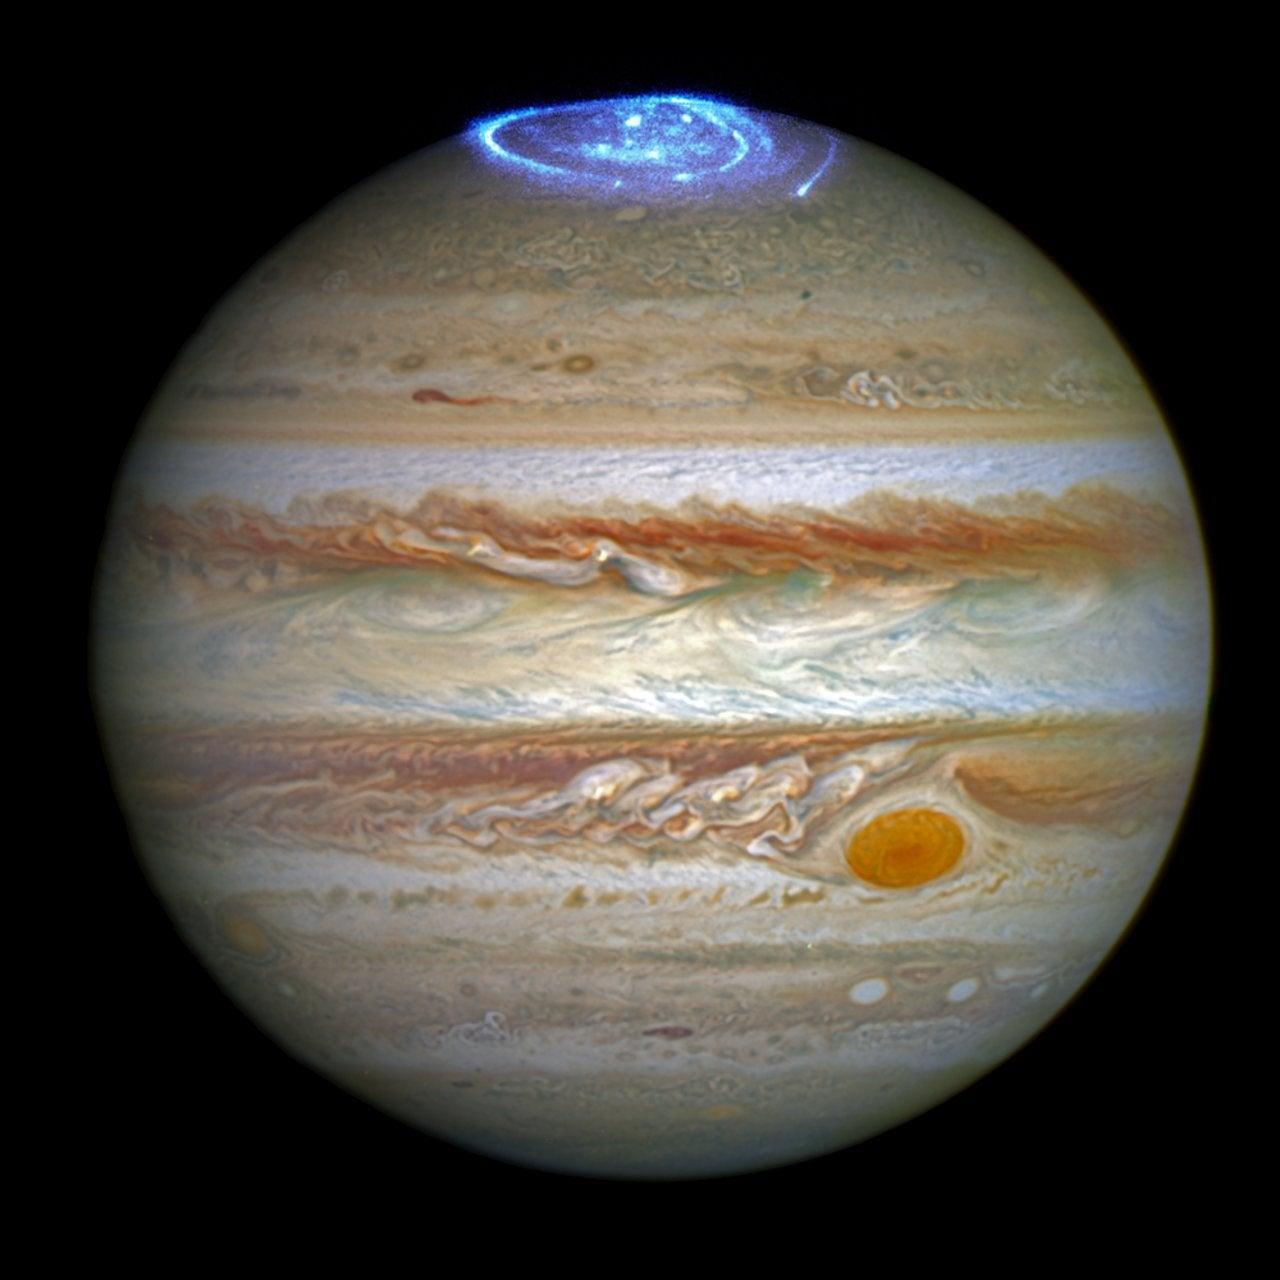 Jupiter's auroras